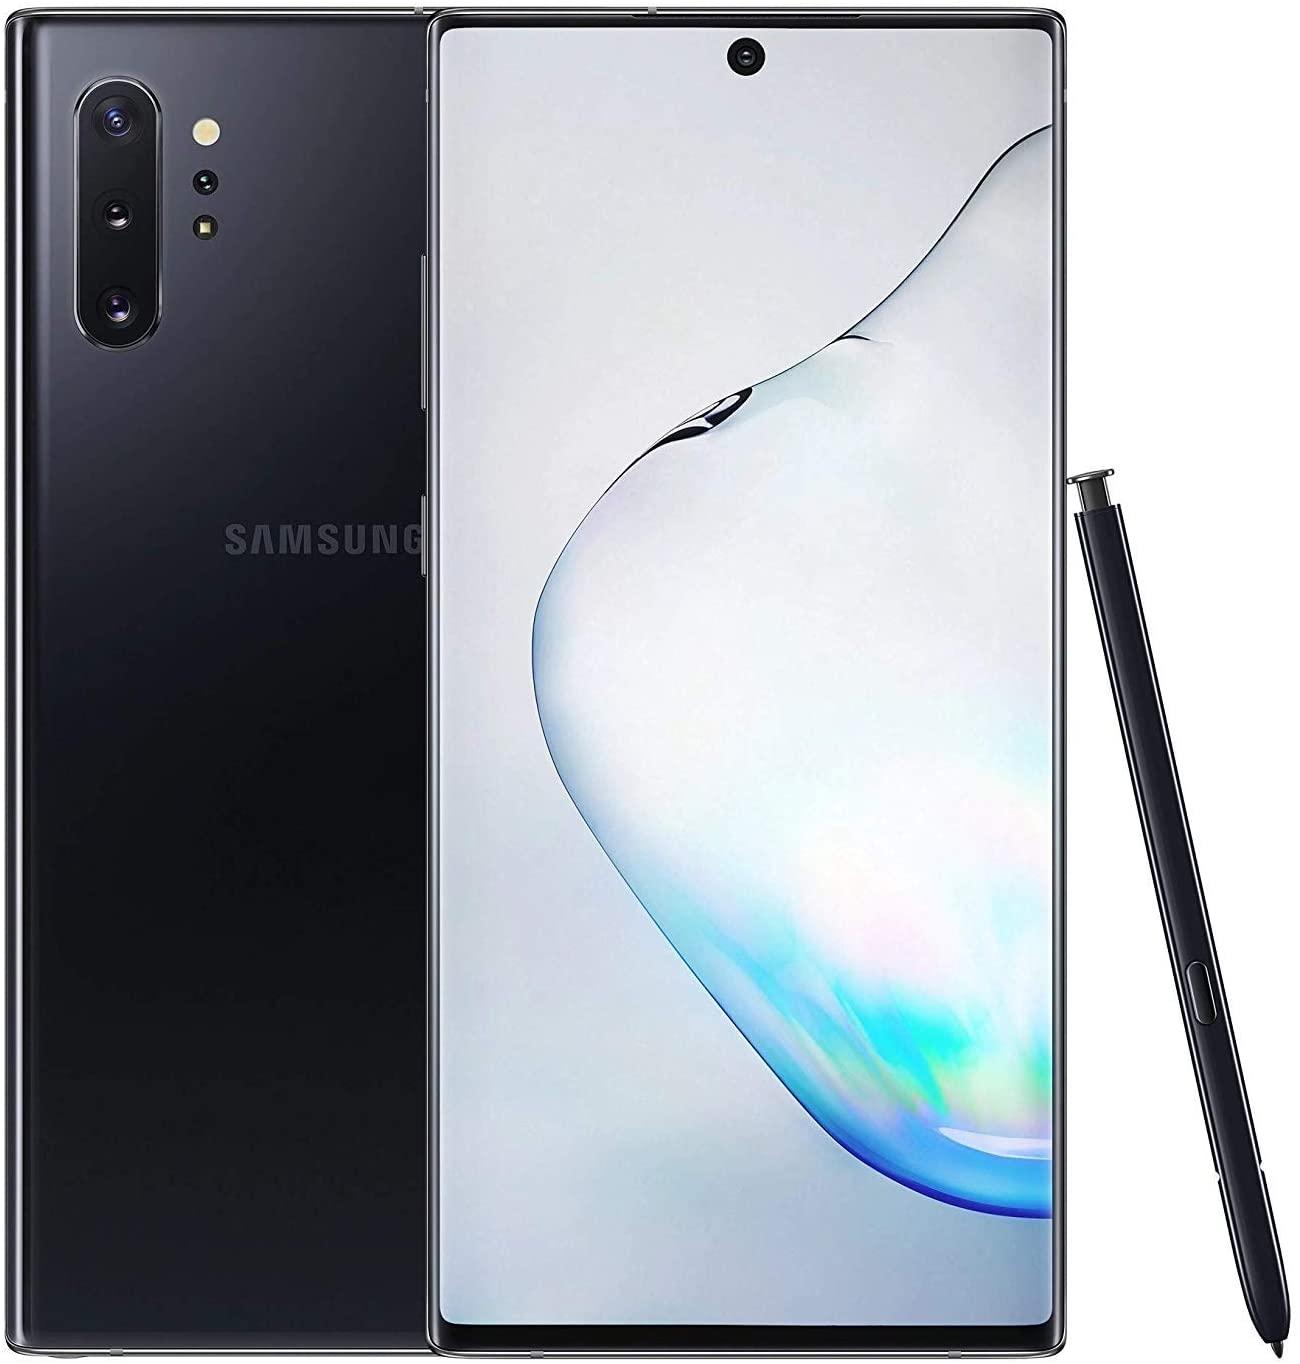 SIMフリー Samsung Galaxy Note 10 Plus N975FD Dual Sim 12GB RAM 256GB (オーラブラック) 新品 スマホ 本体 1年保証